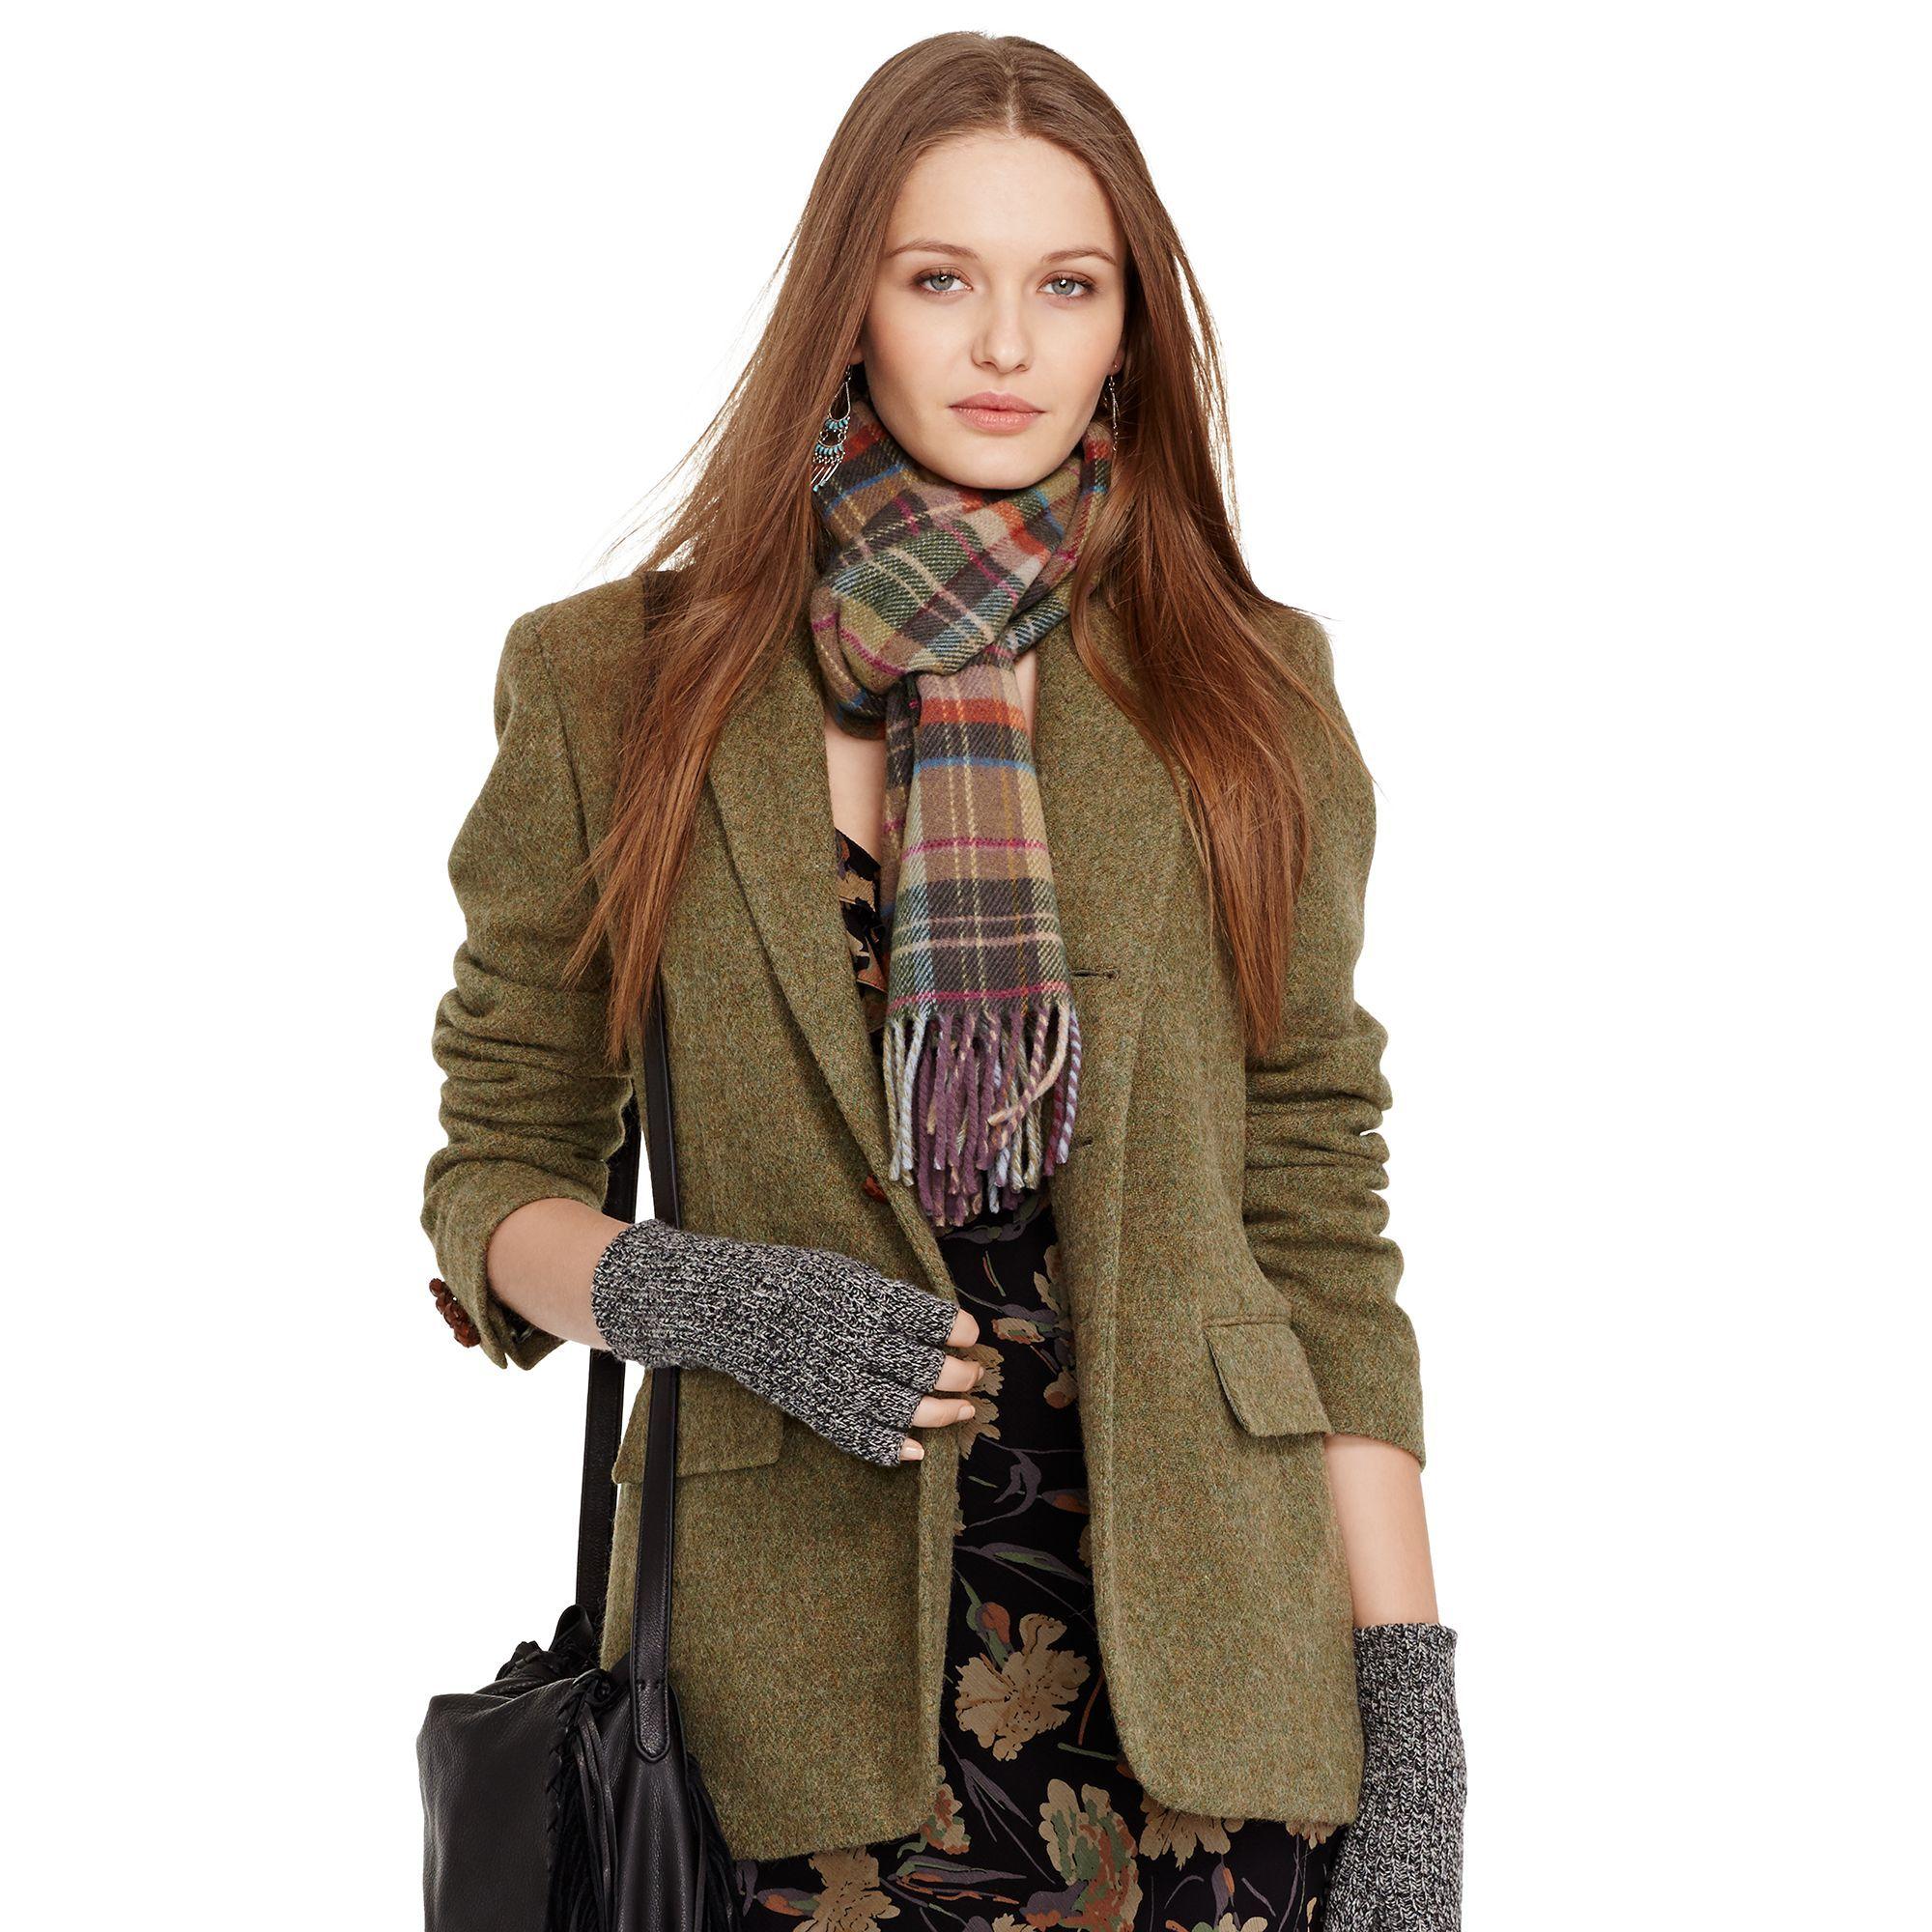 Wool-Alpaca Boyfriend Jacket - Jackets Women - RalphLauren.com